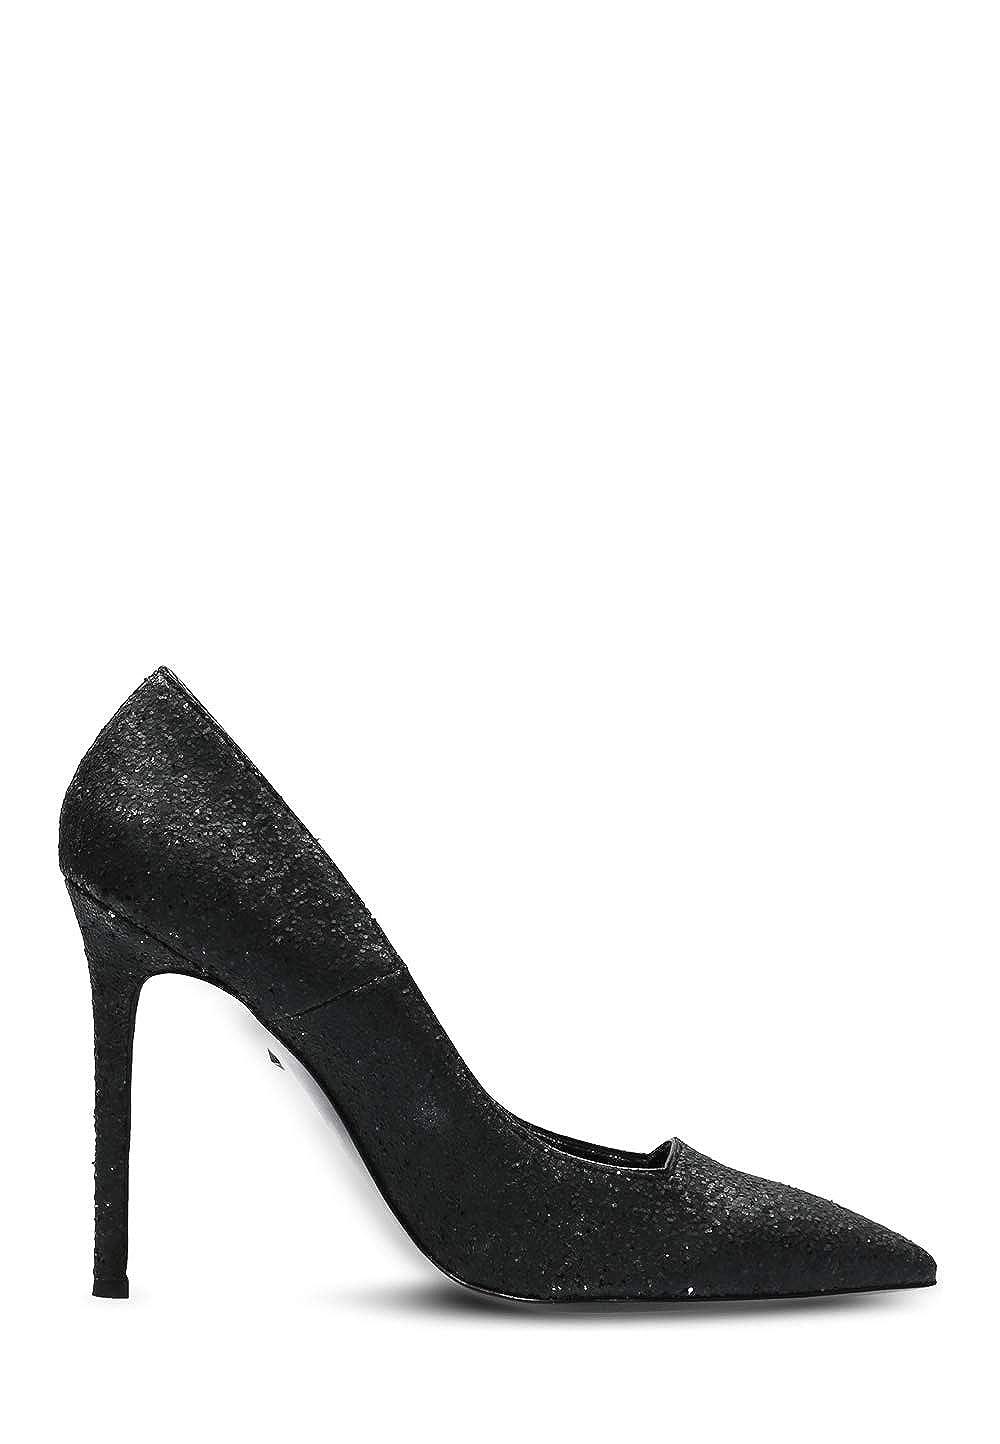 Just Cavalli Damen Pumps Schuhe hoher Absatz leicht leicht leicht high Heels e4cee3